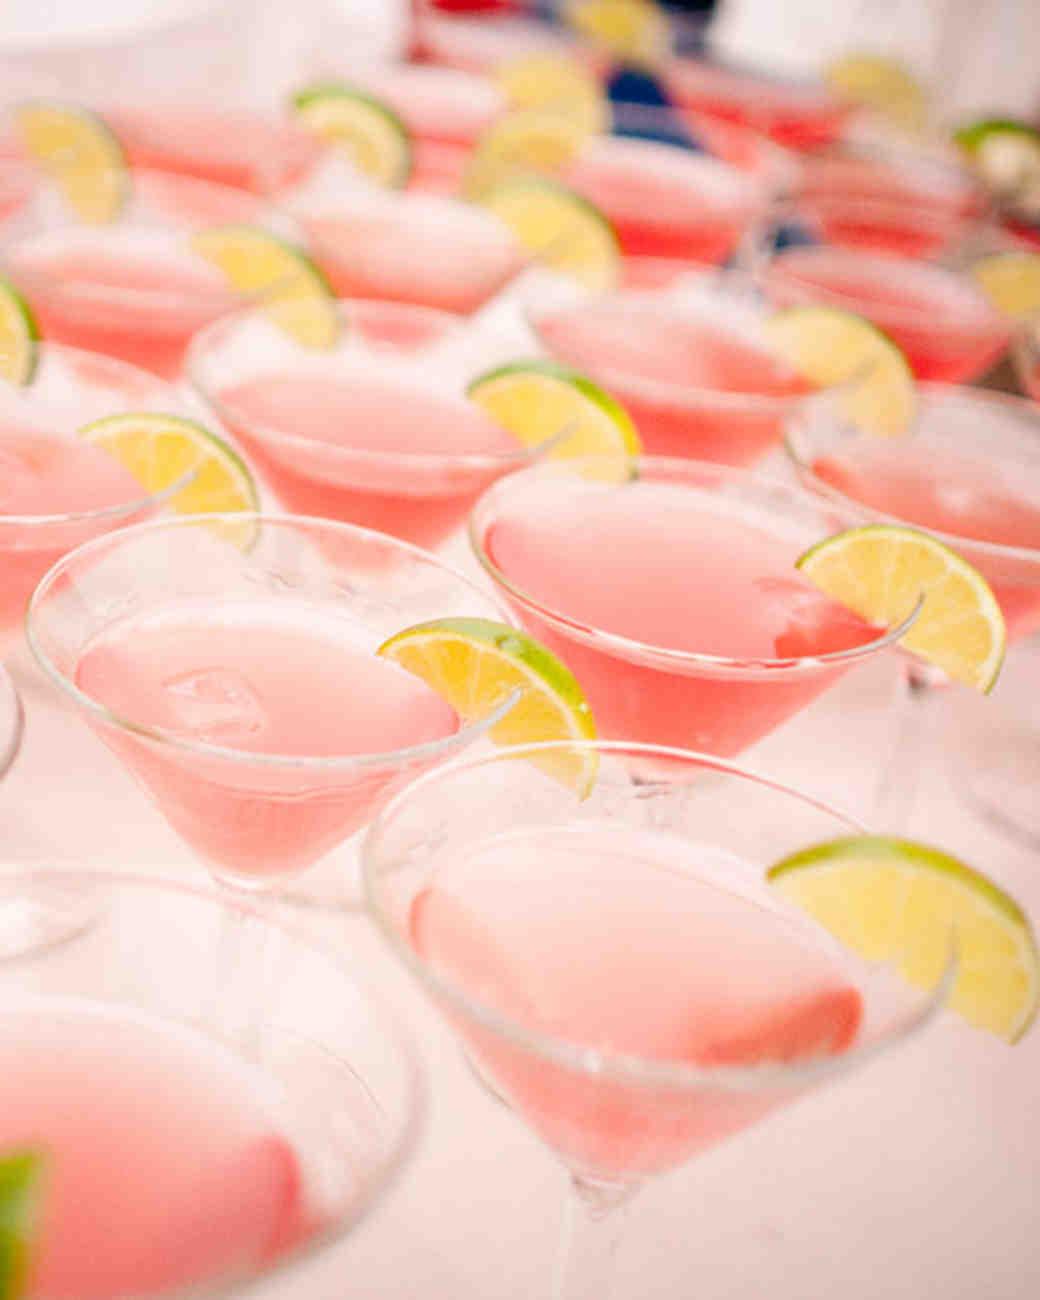 rw_0610_meiun_till_drink.jpg